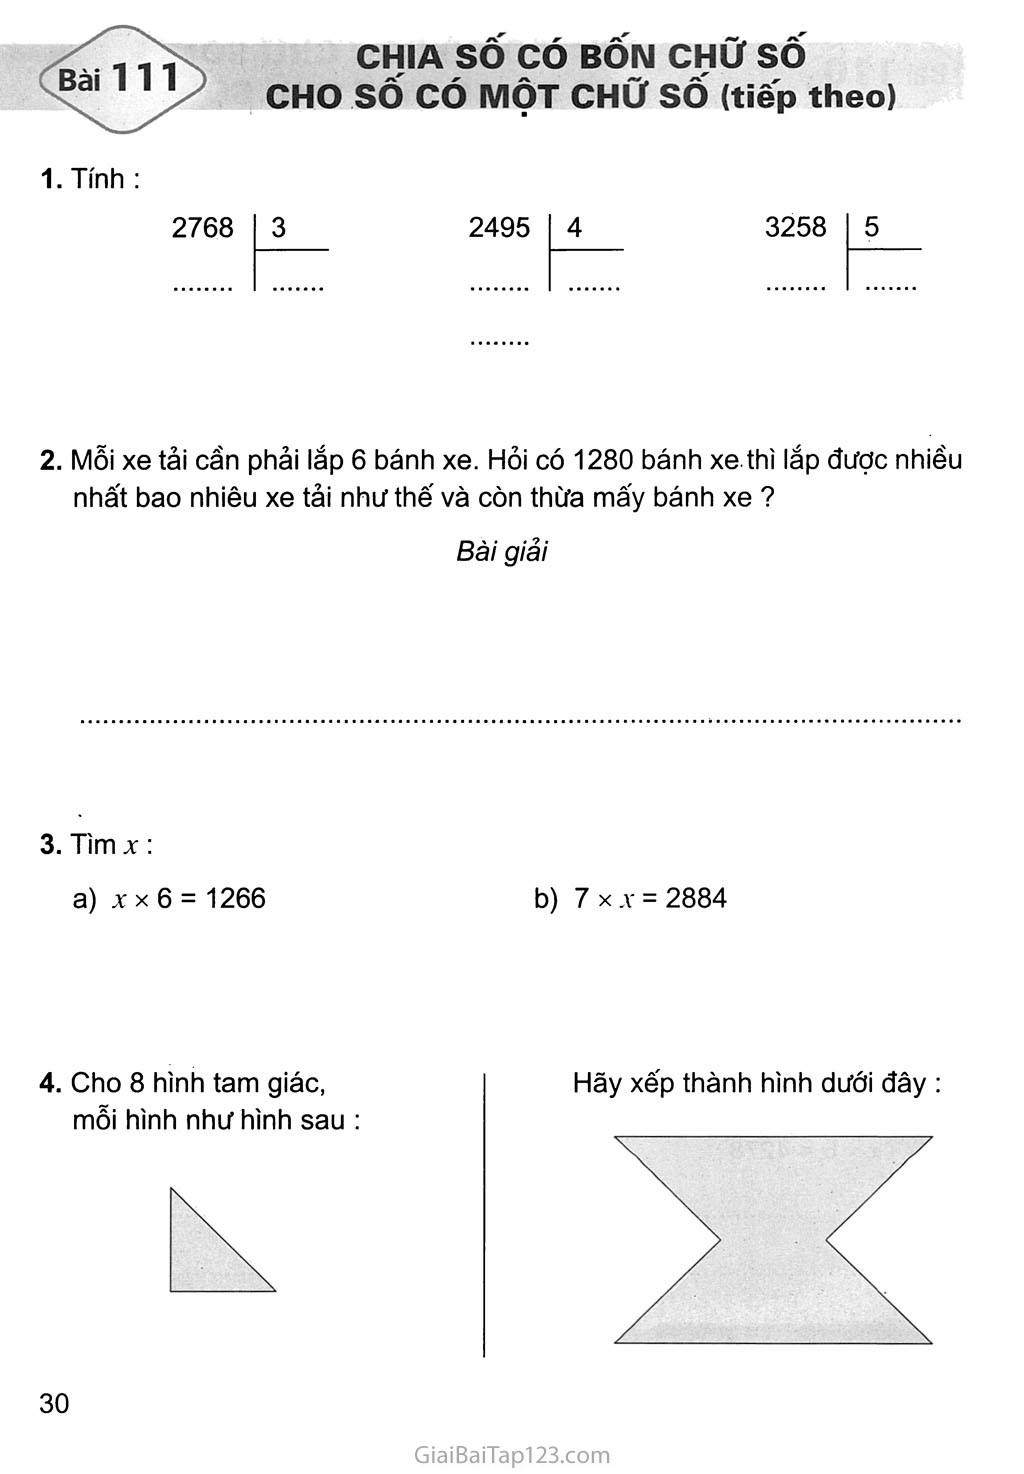 Bài 111: Chia số có bốn chữ số với số có một chữ số (tiếp theo) trang 1